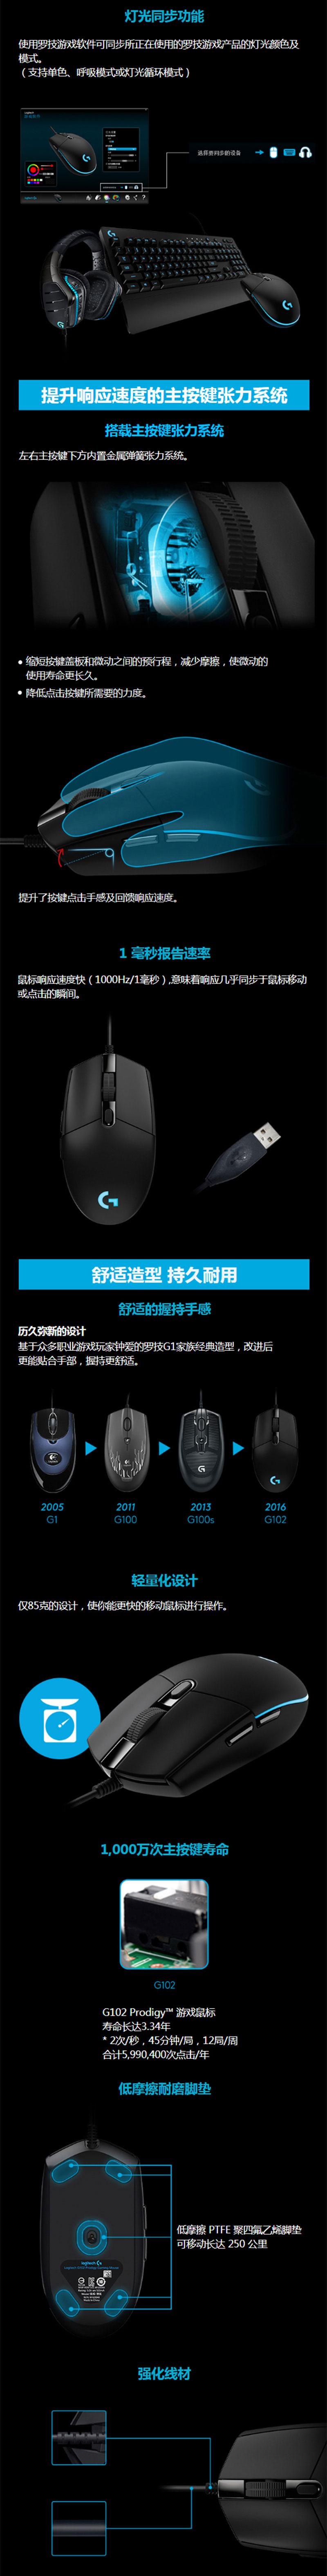 G102 Prodigy游戏鼠标